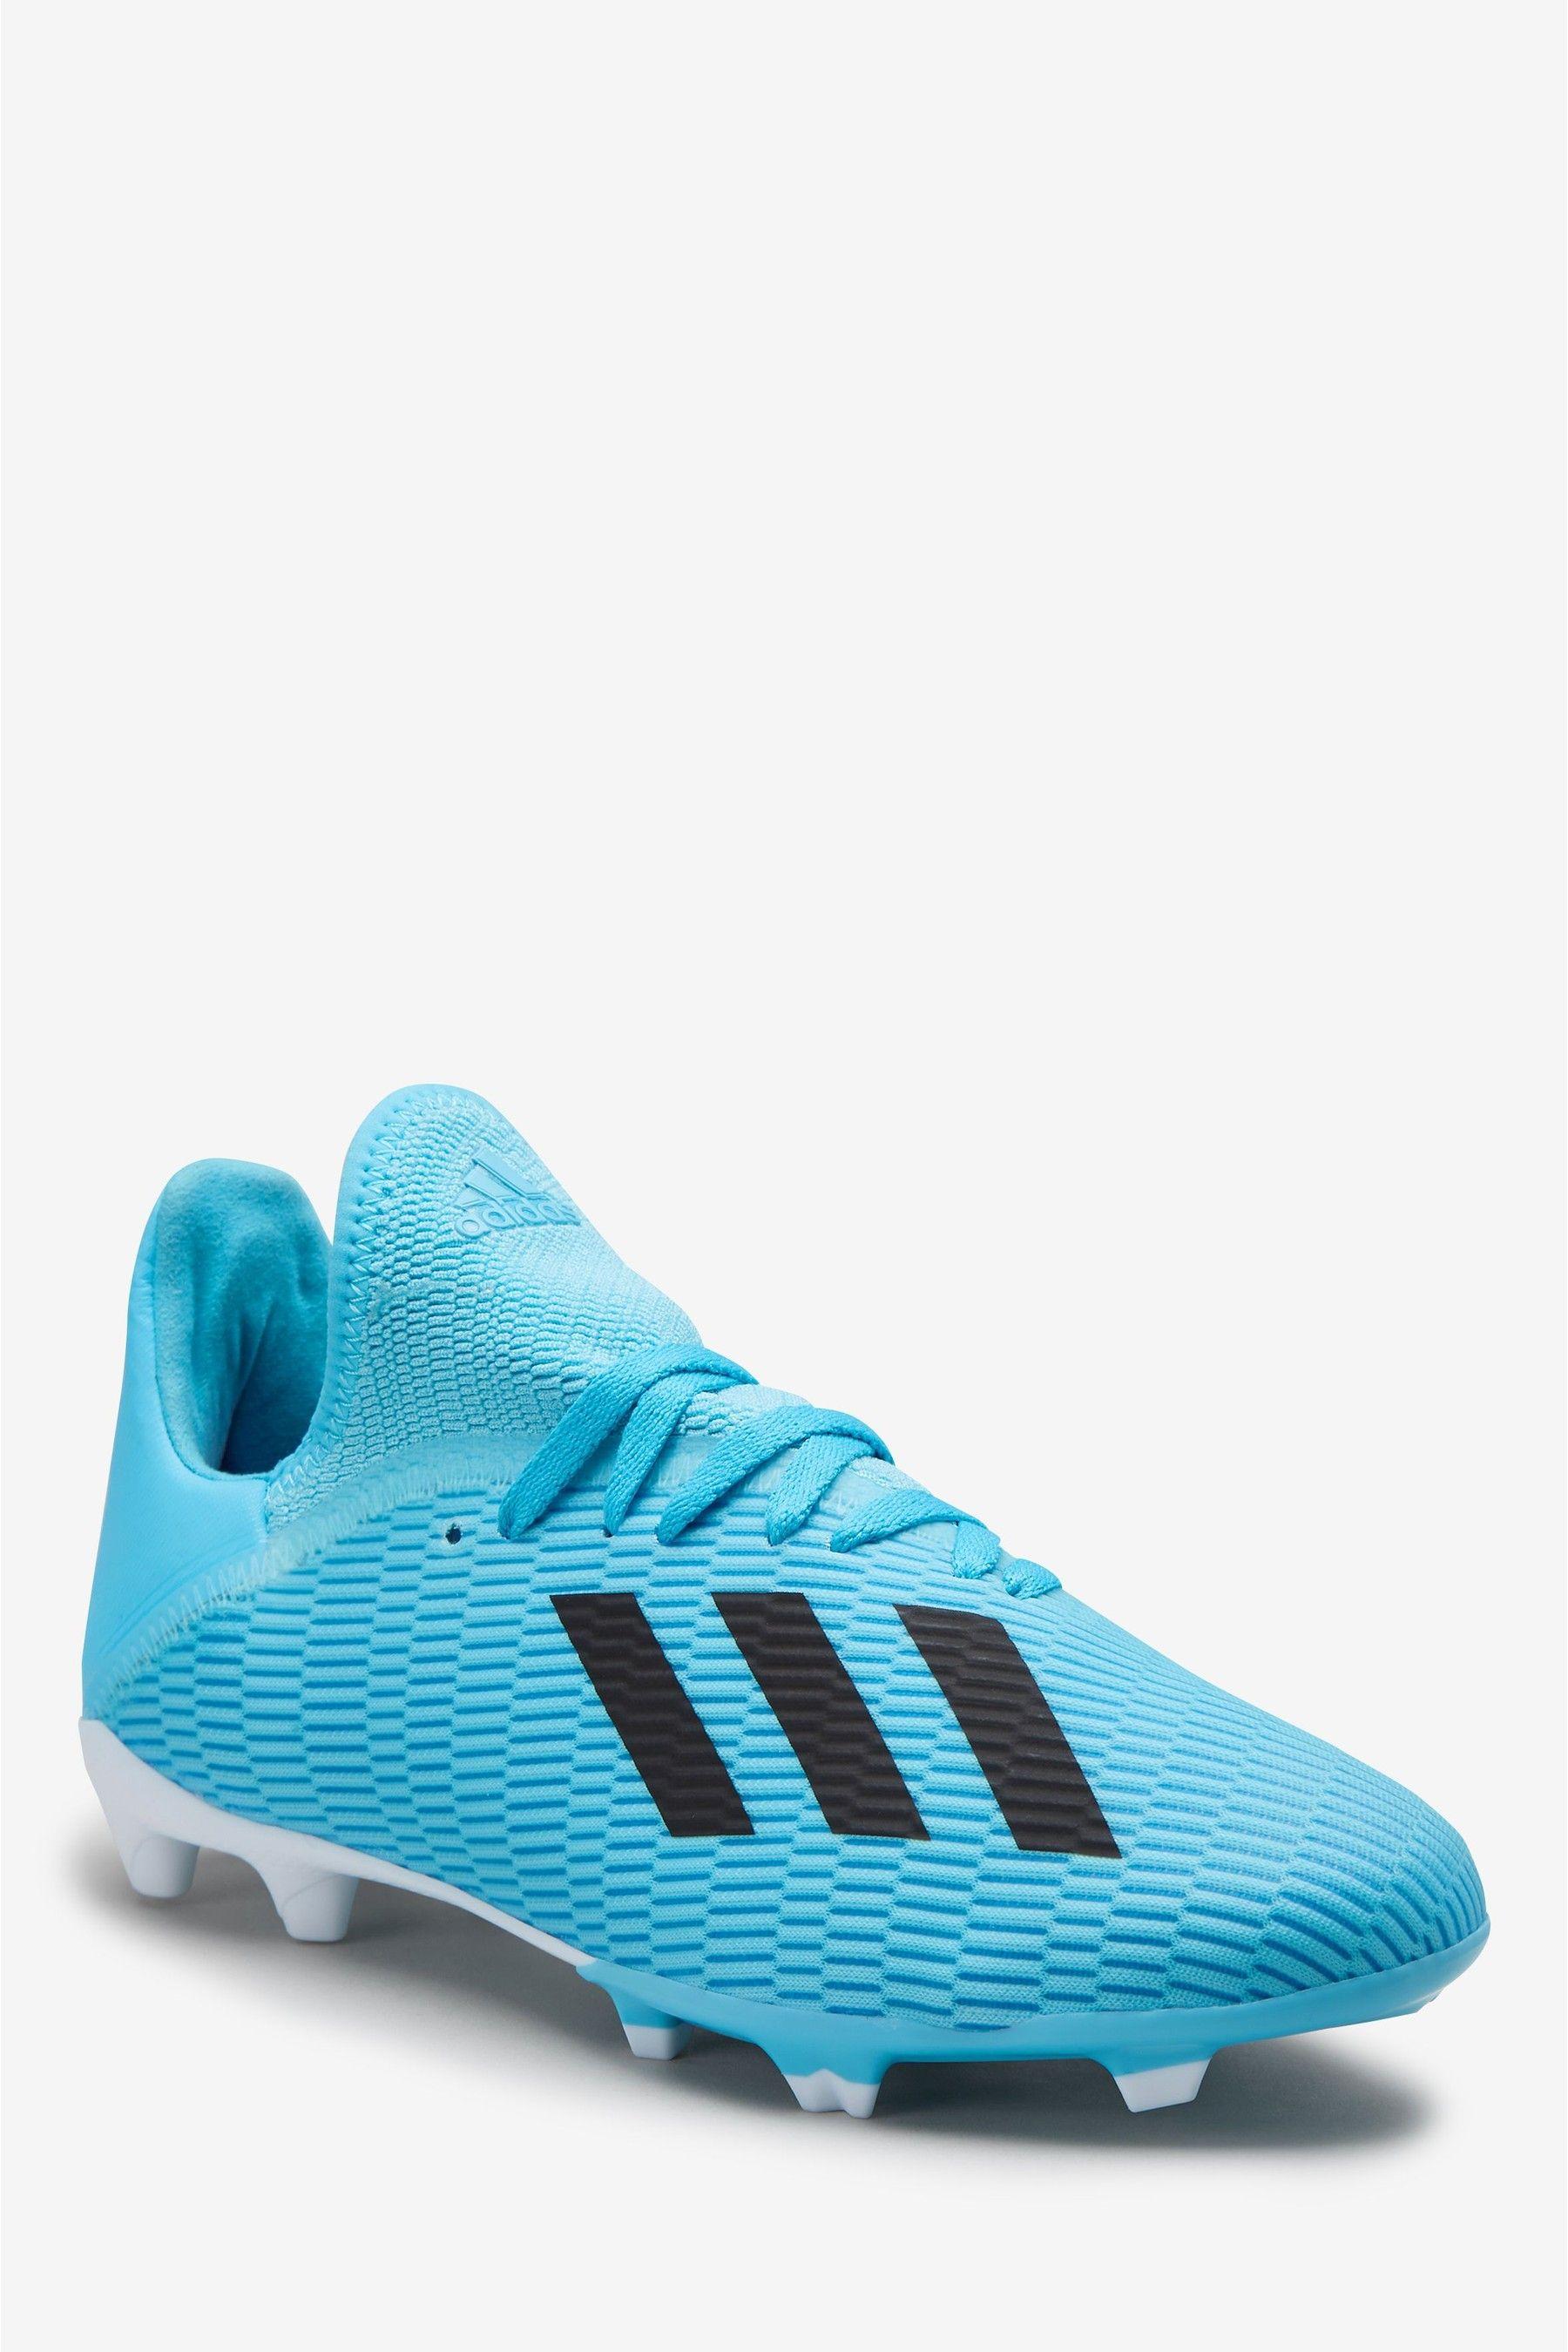 Boys adidas Hardwired Blue X Firm